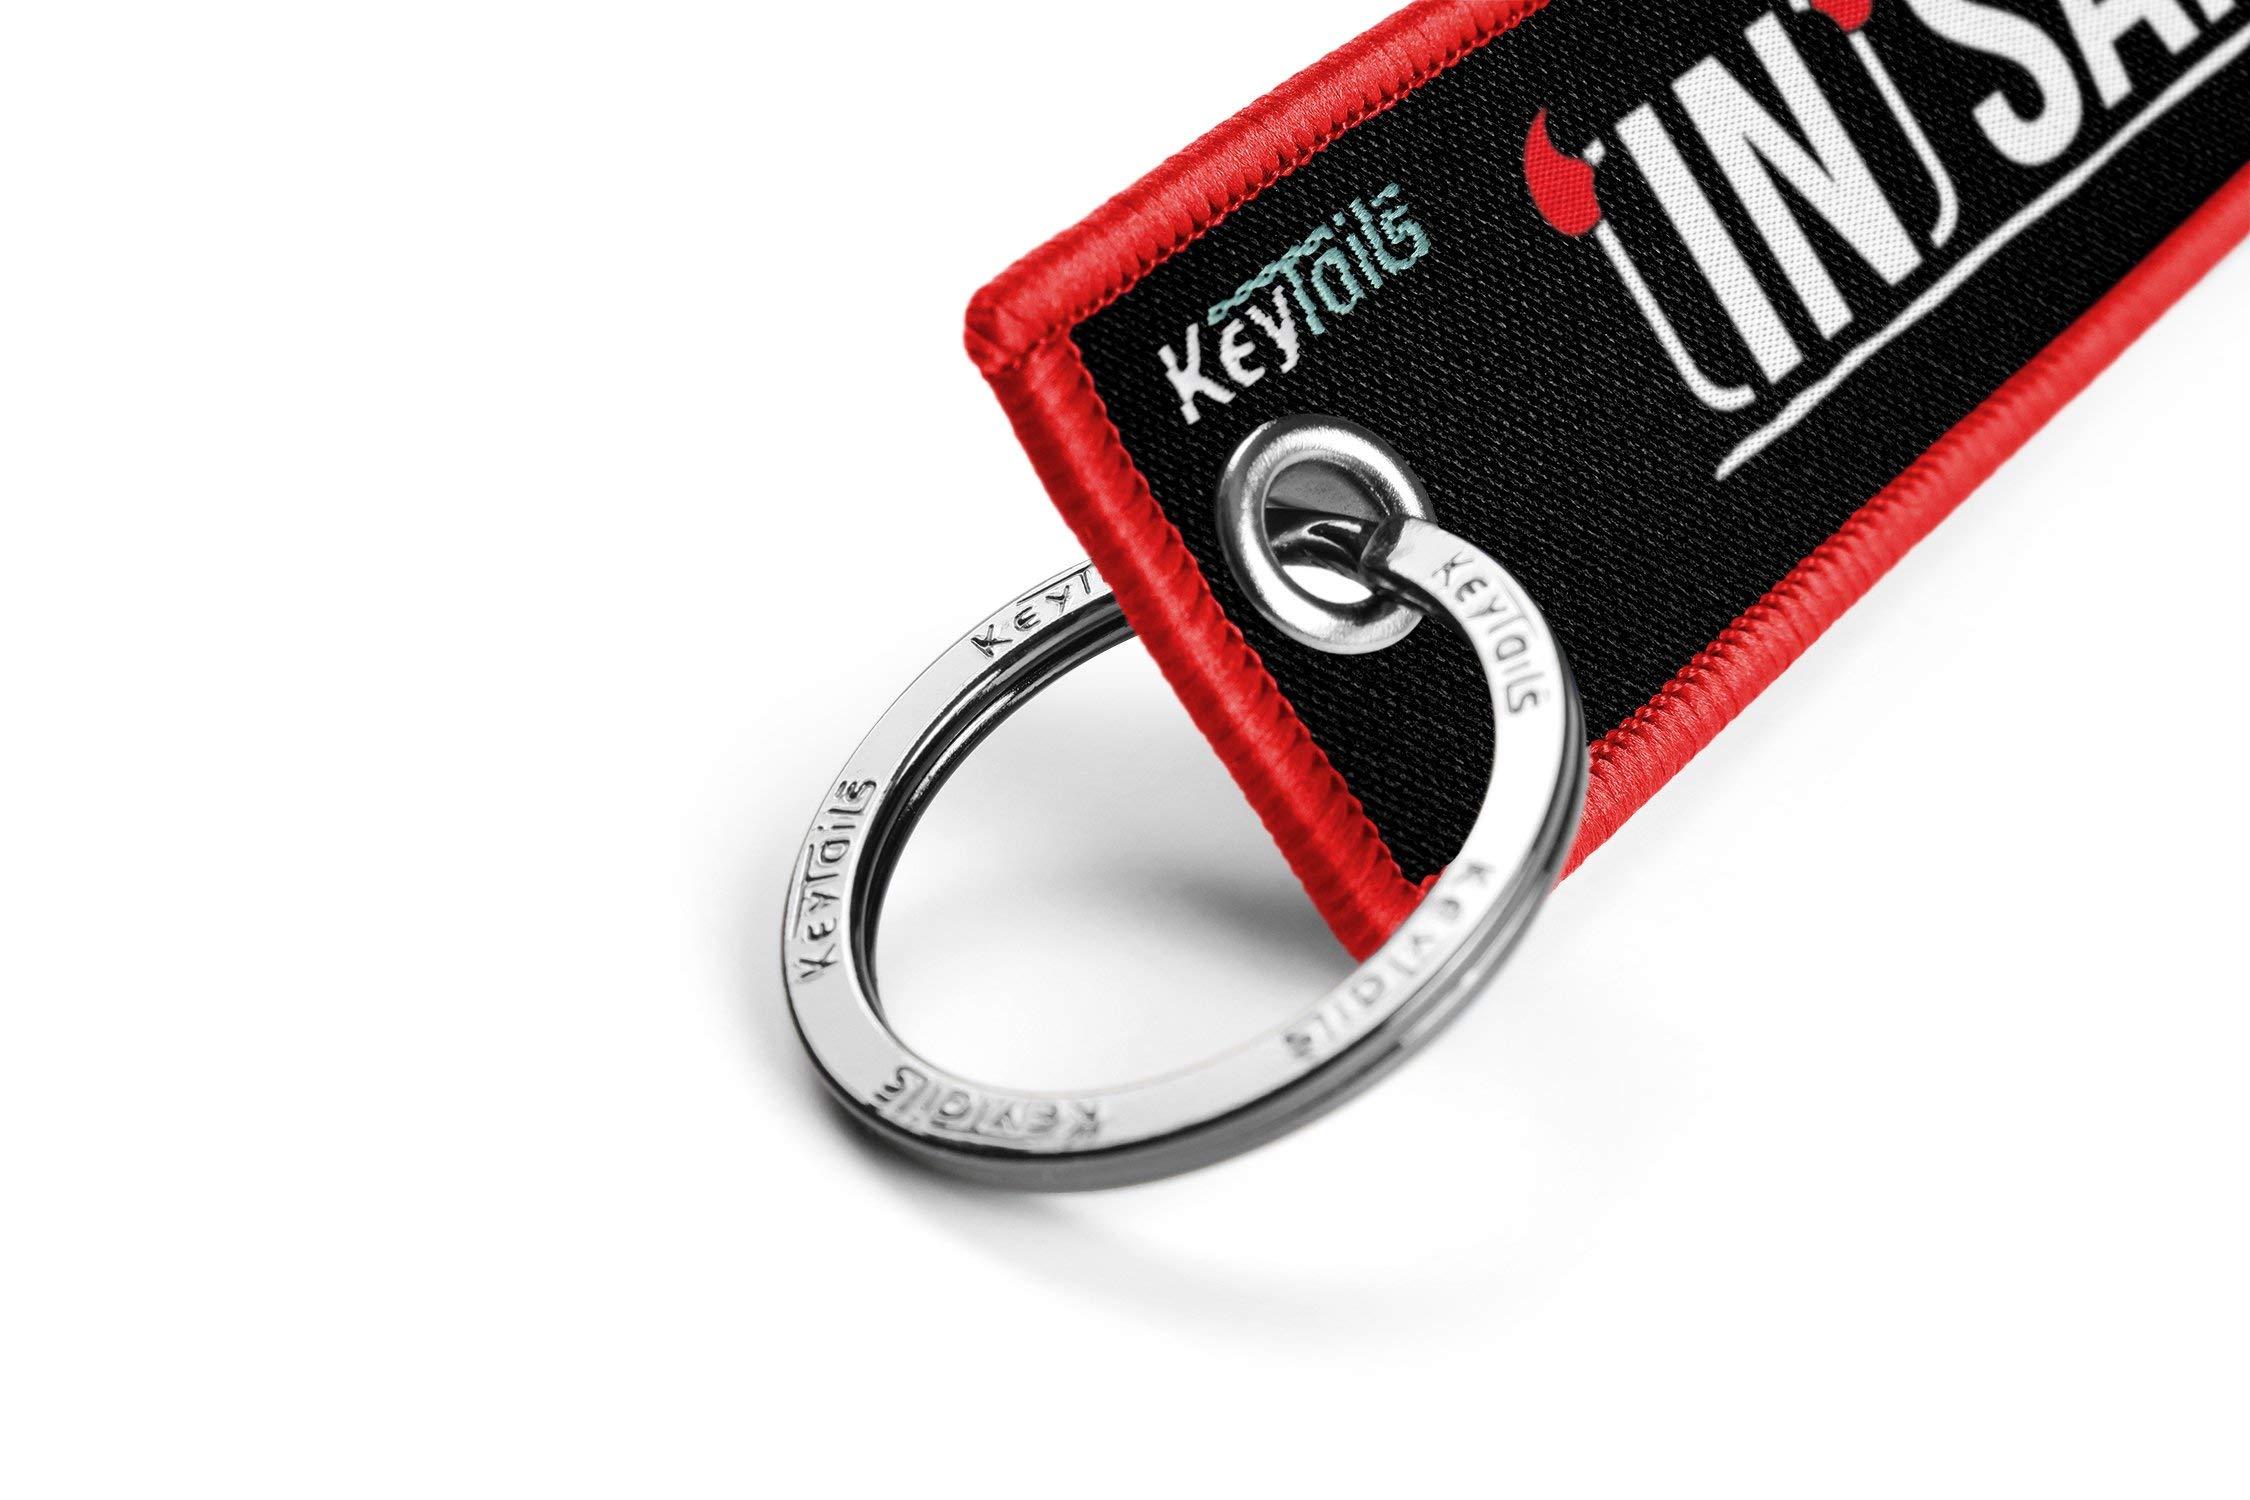 Premium Quality Key Tag Zupra Keychain fits Toyota Supra KEYTAILS Keychains BMW Z4